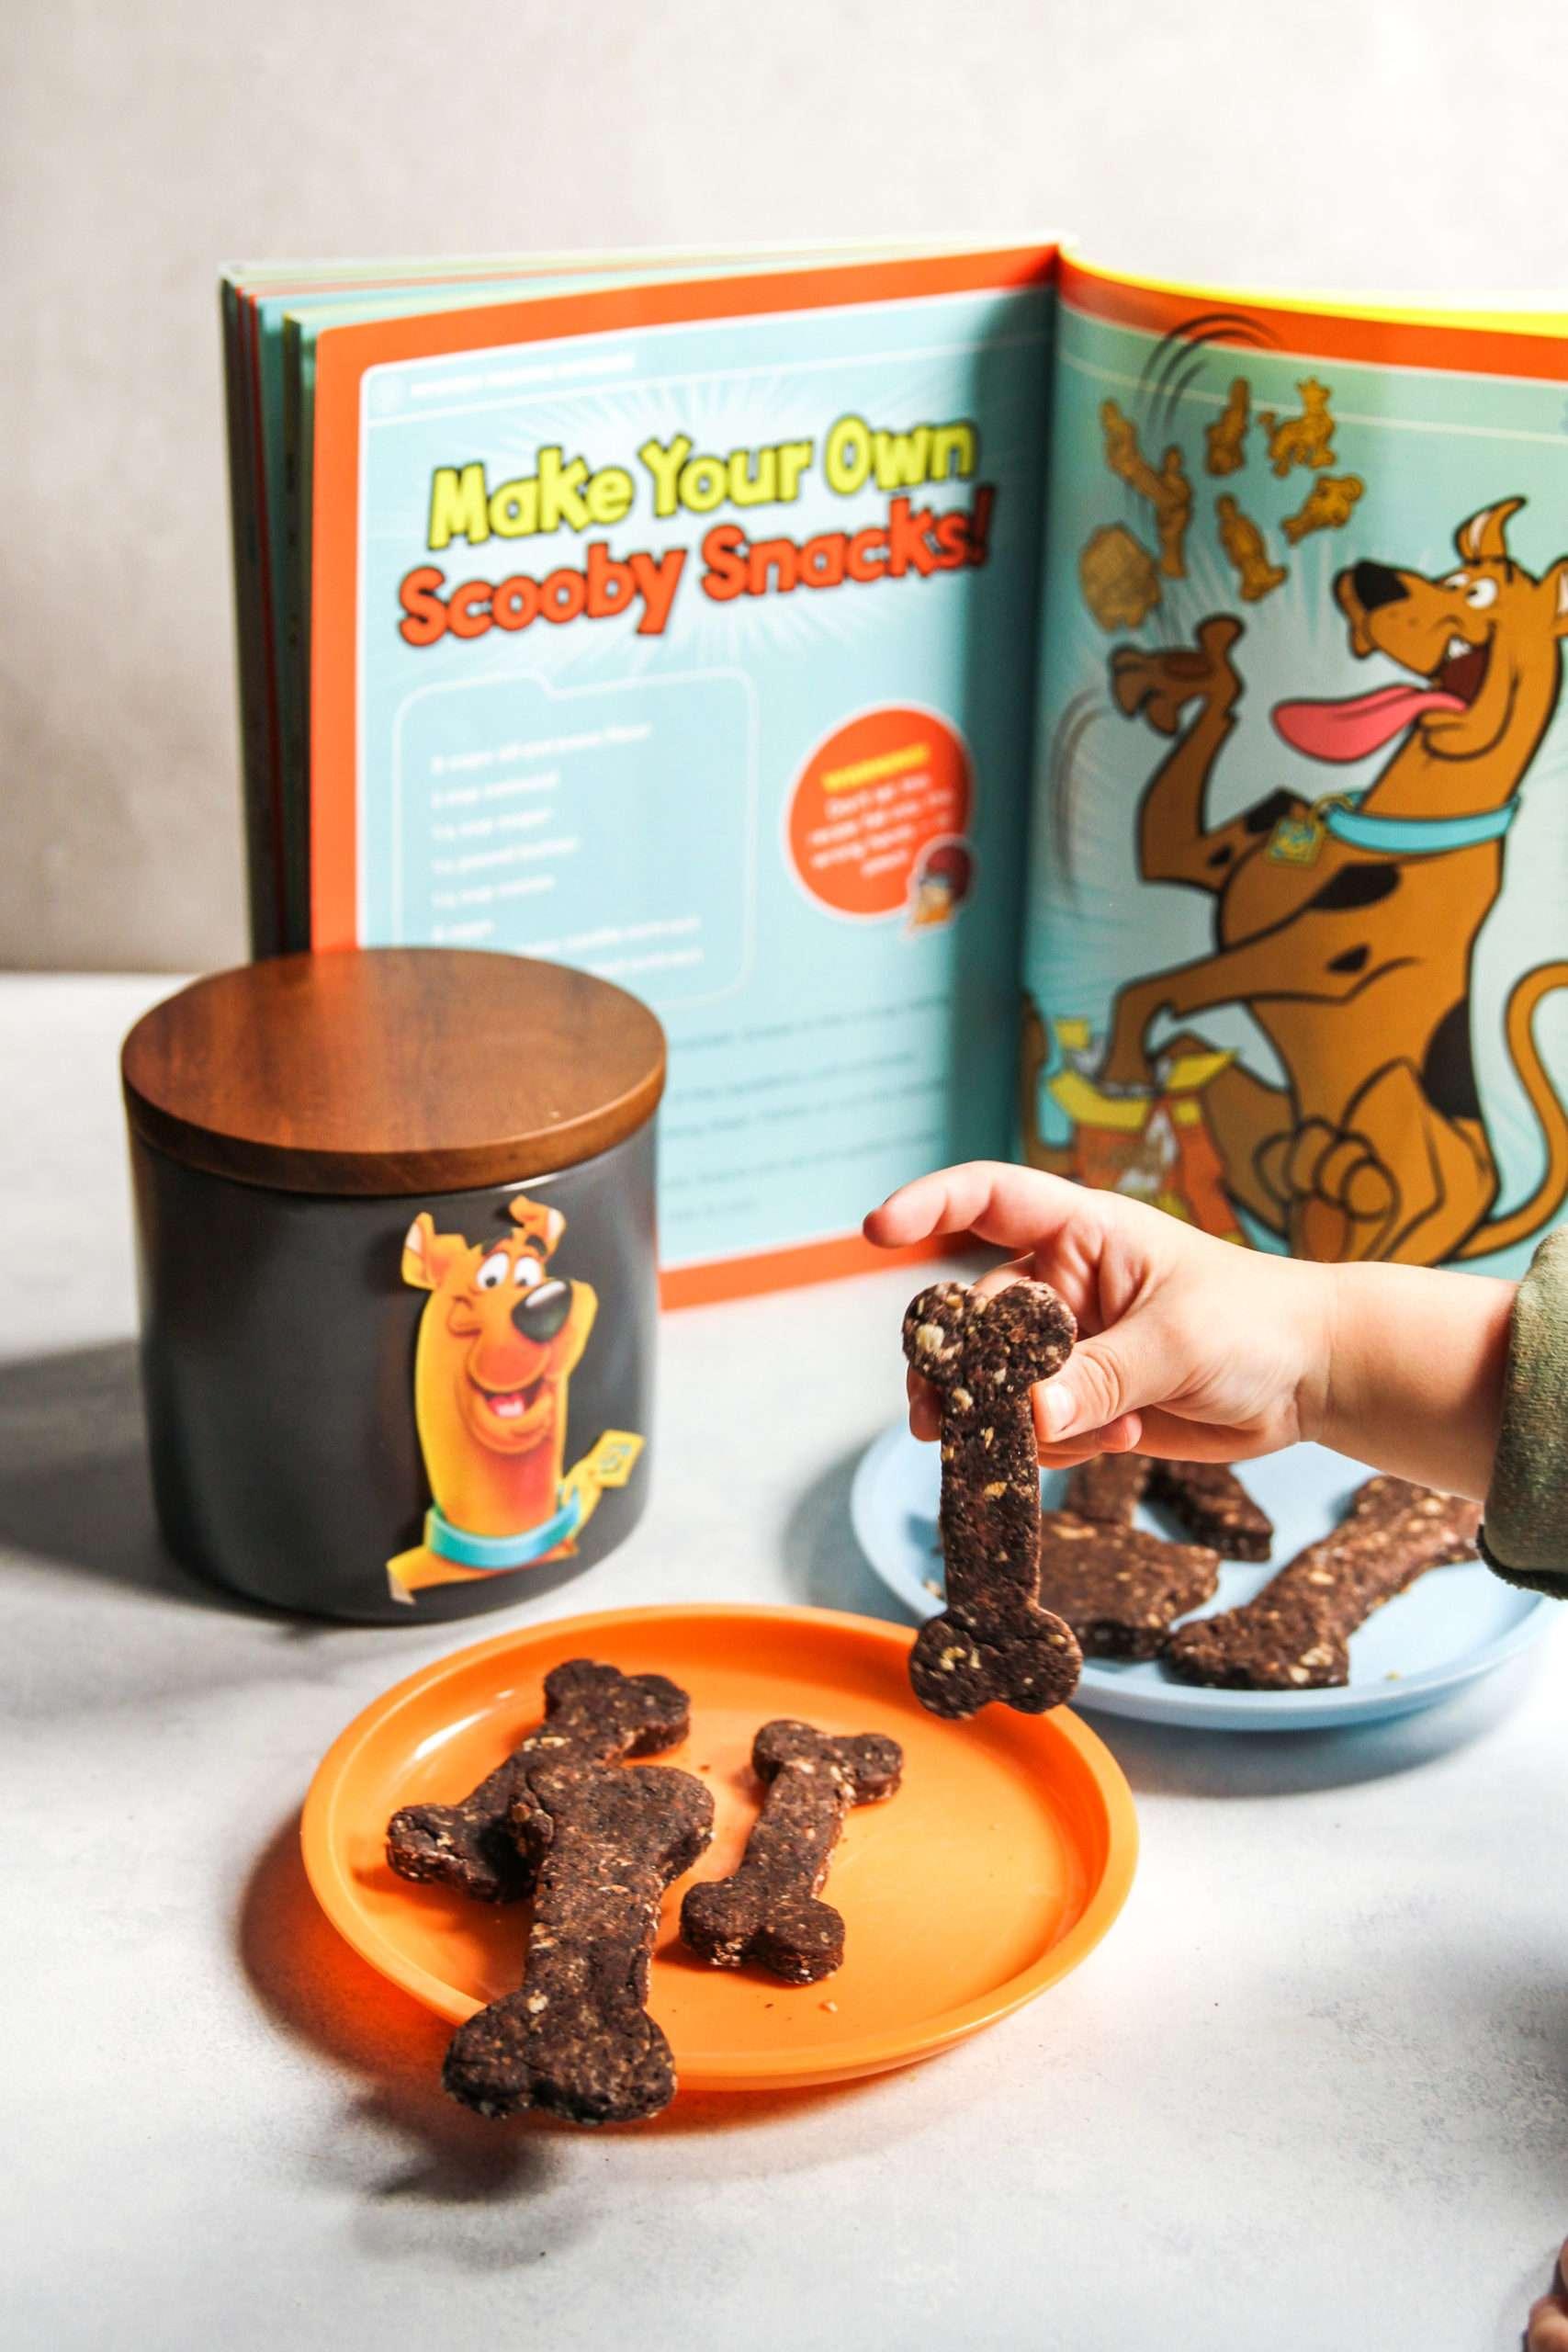 Scooby Snacks Cookies